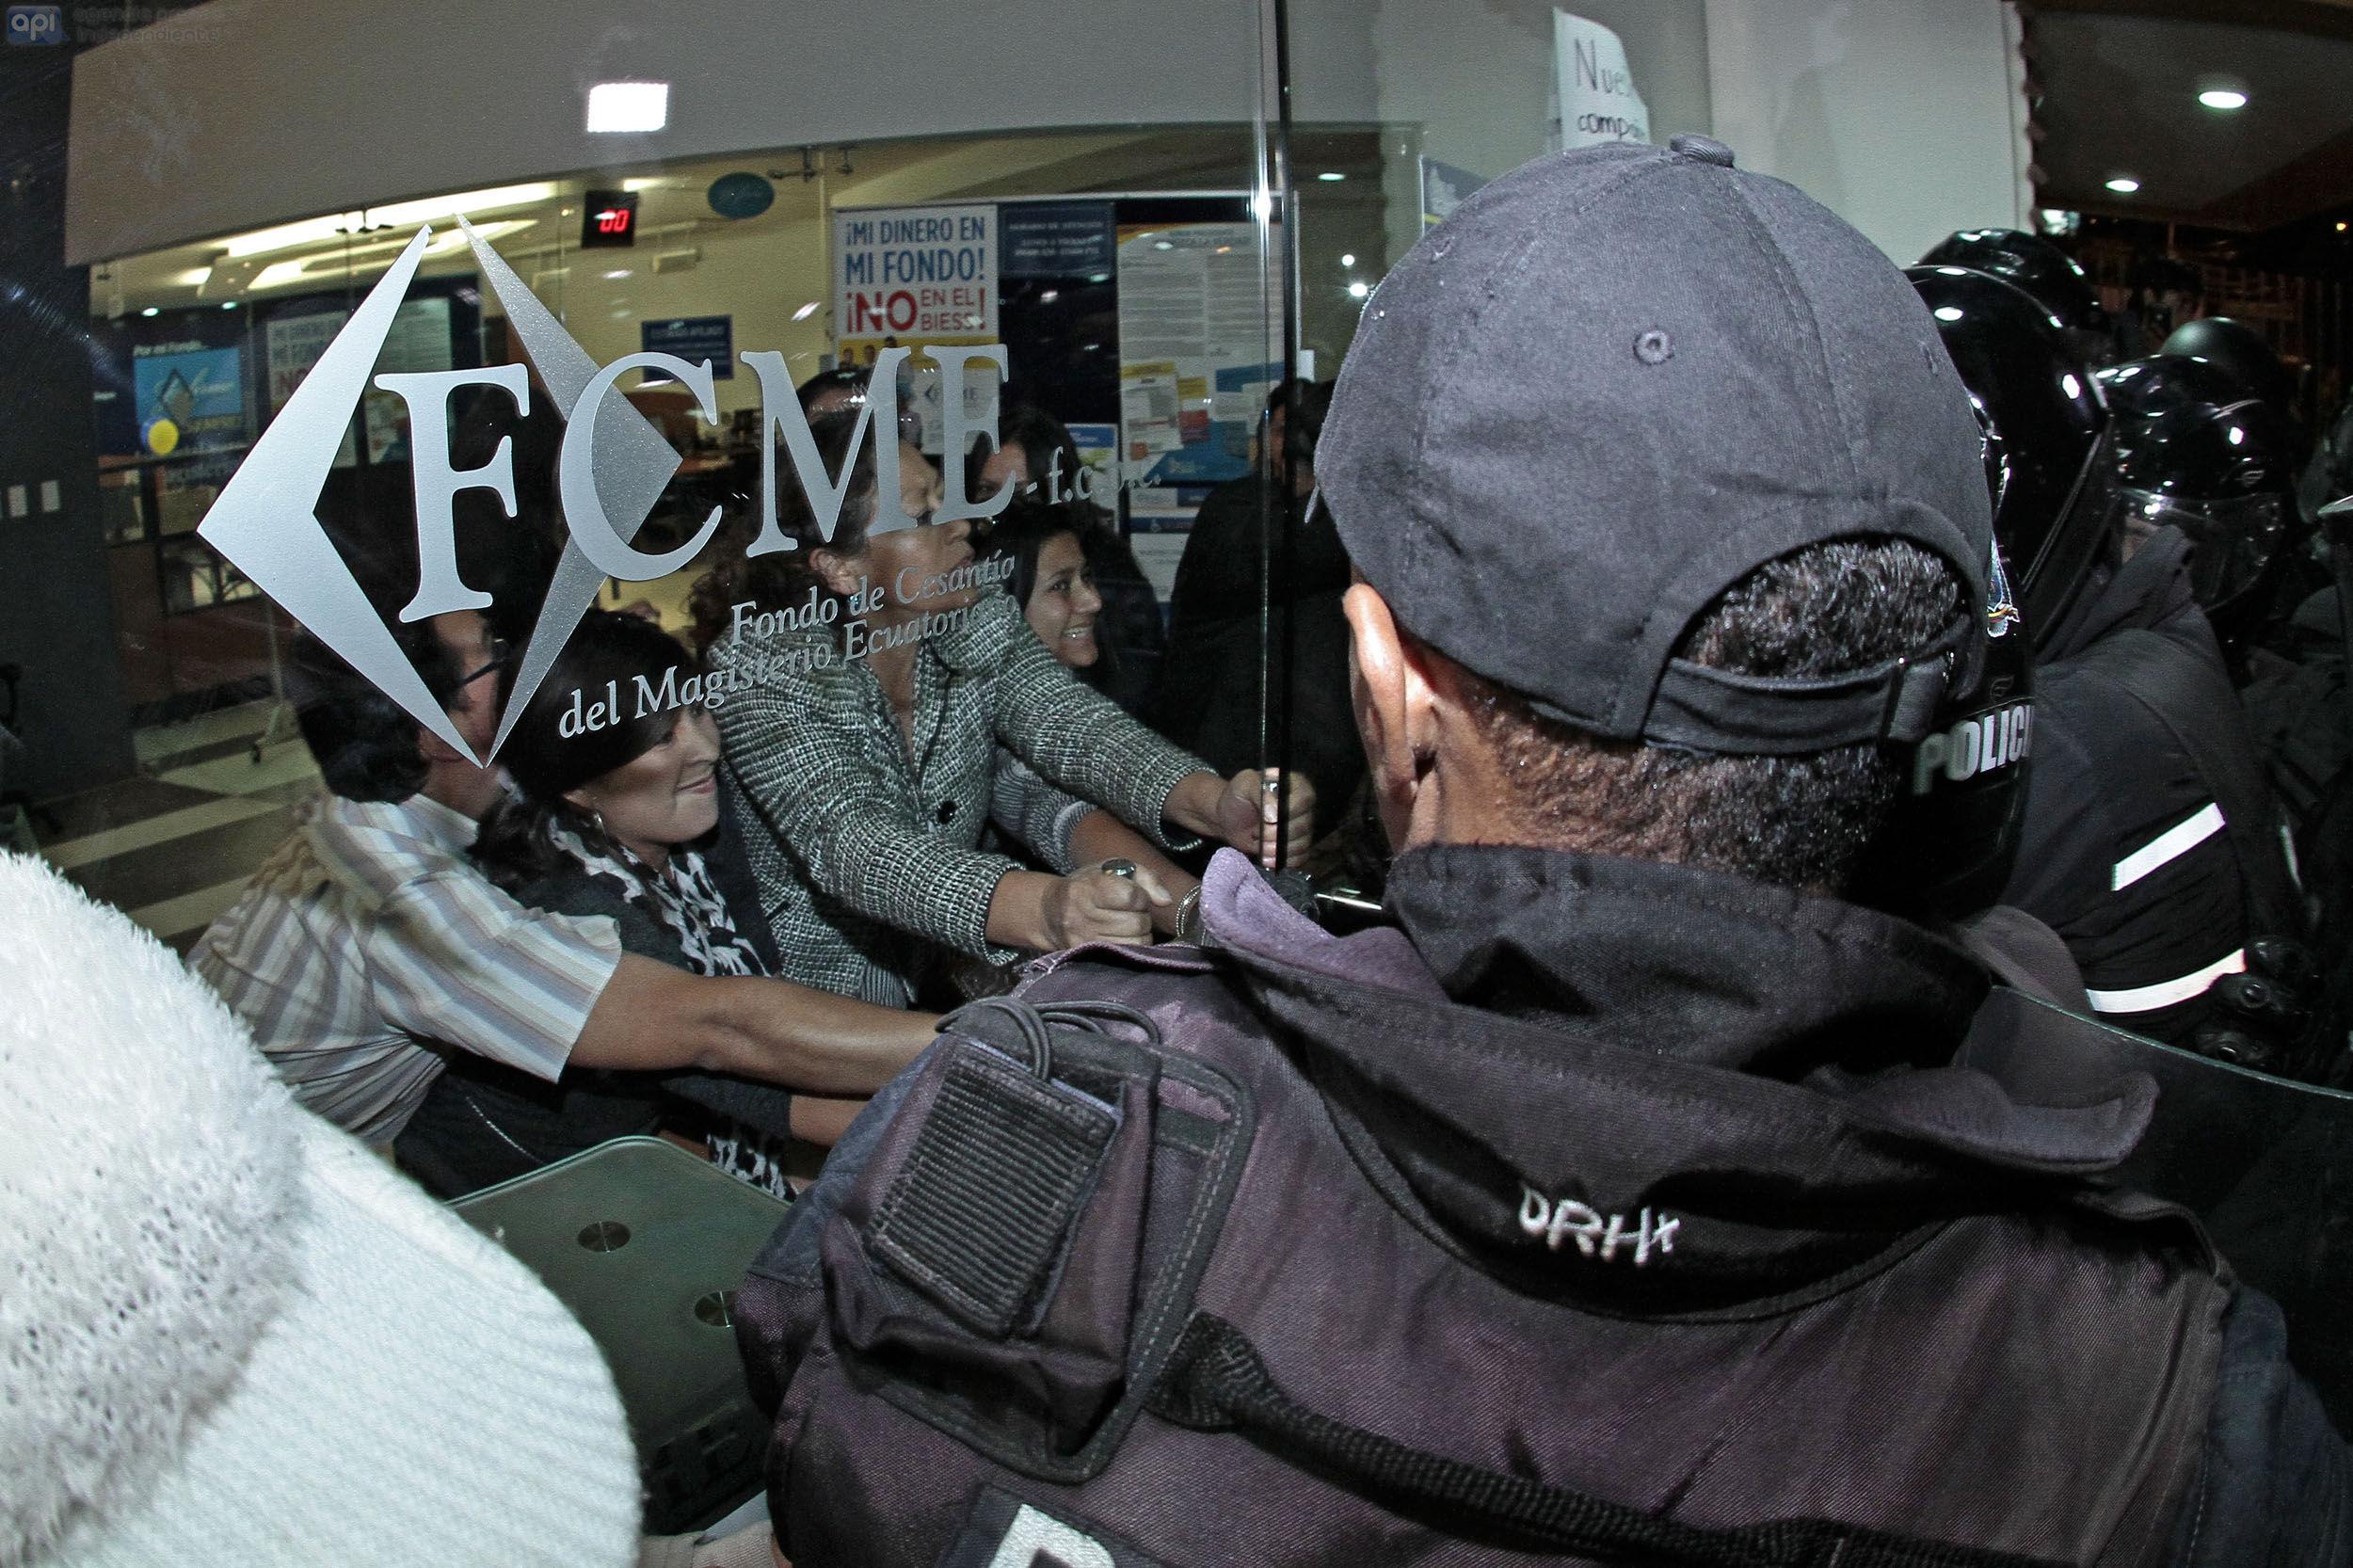 QUITO 14 de Mayo del 2015. La policia junto con un representante de la Superintendencia de Bancos tomaron control de el Fondo de Cesantia del Magisterio Ecuatoriano. FOTOS API/JUANCEVALLOS.